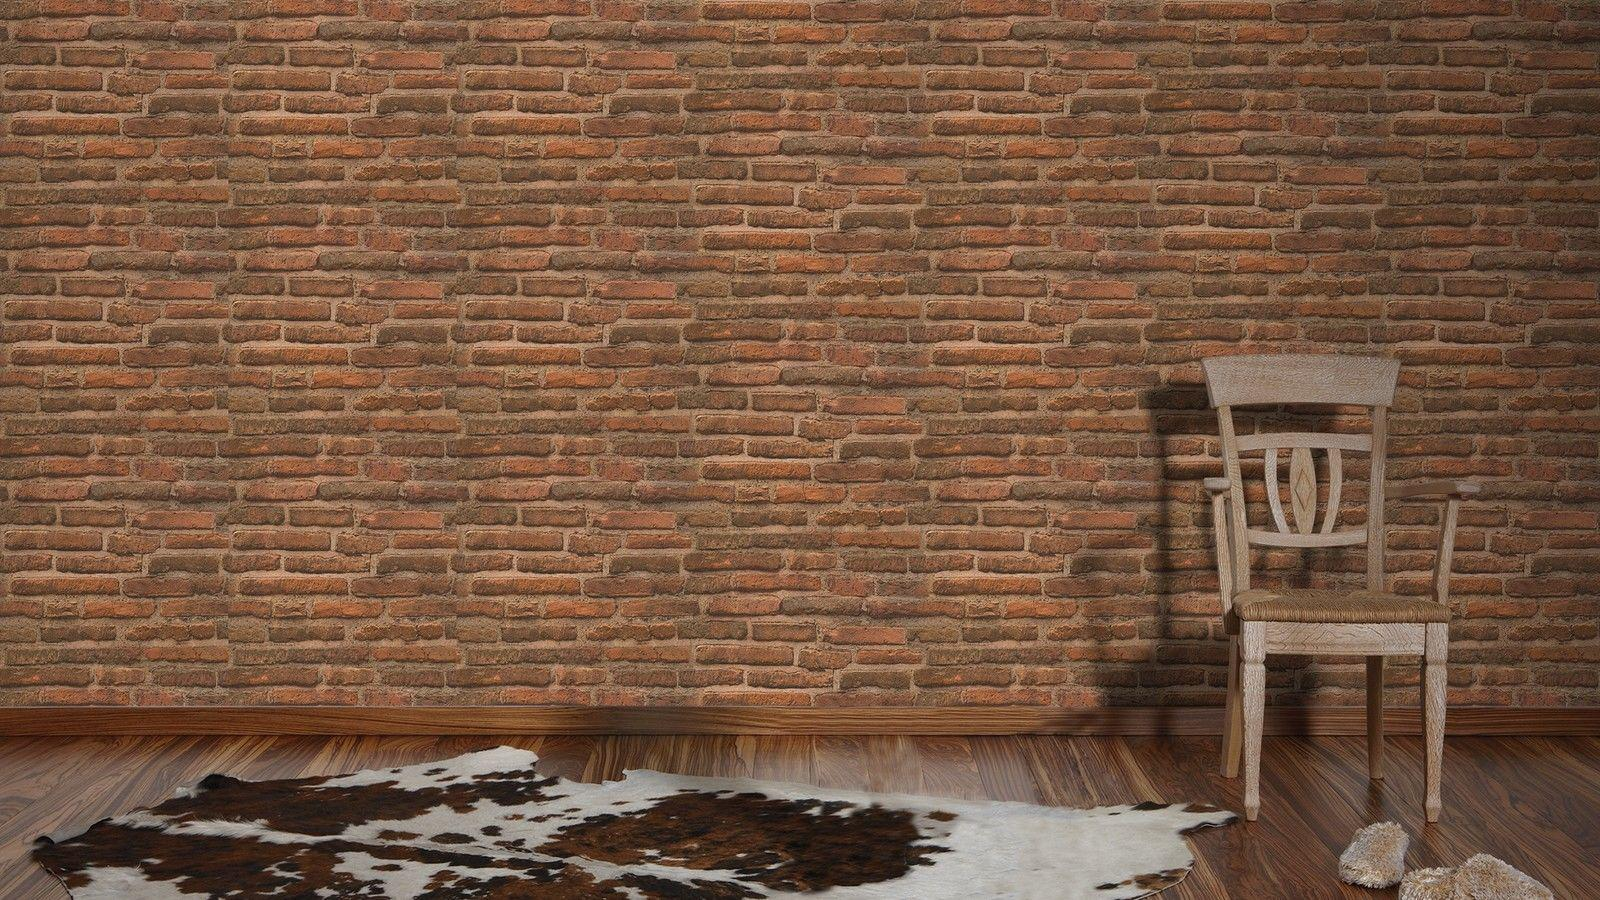 Kuchenruckwand Ziegelstein Steinimitattapete Ursprngliche